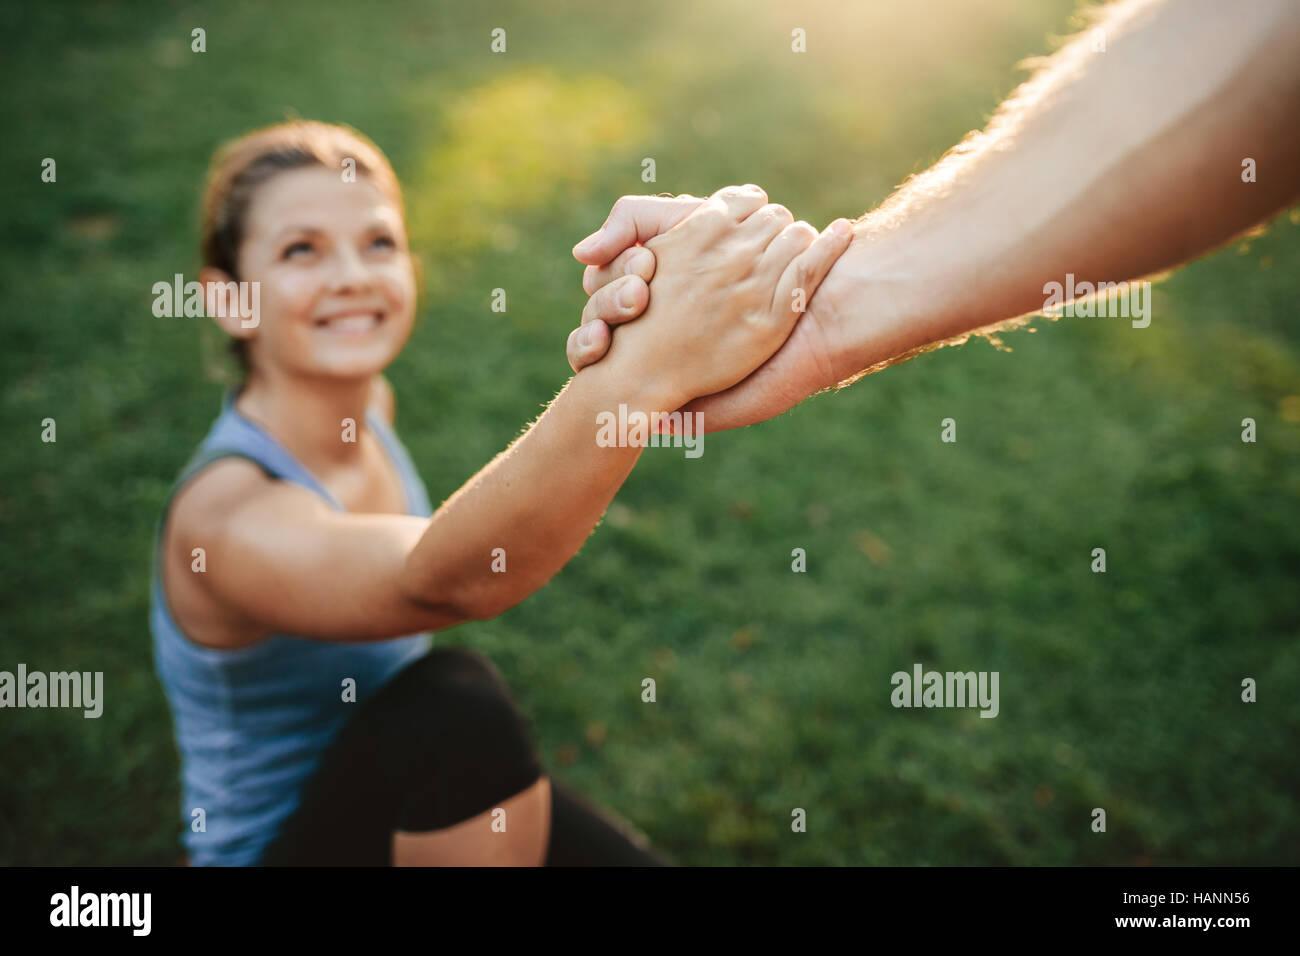 Primer plano del hombre que ayudan a la mujer a levantarse. Se centran en las manos de la pareja ejercicio en el Imagen De Stock